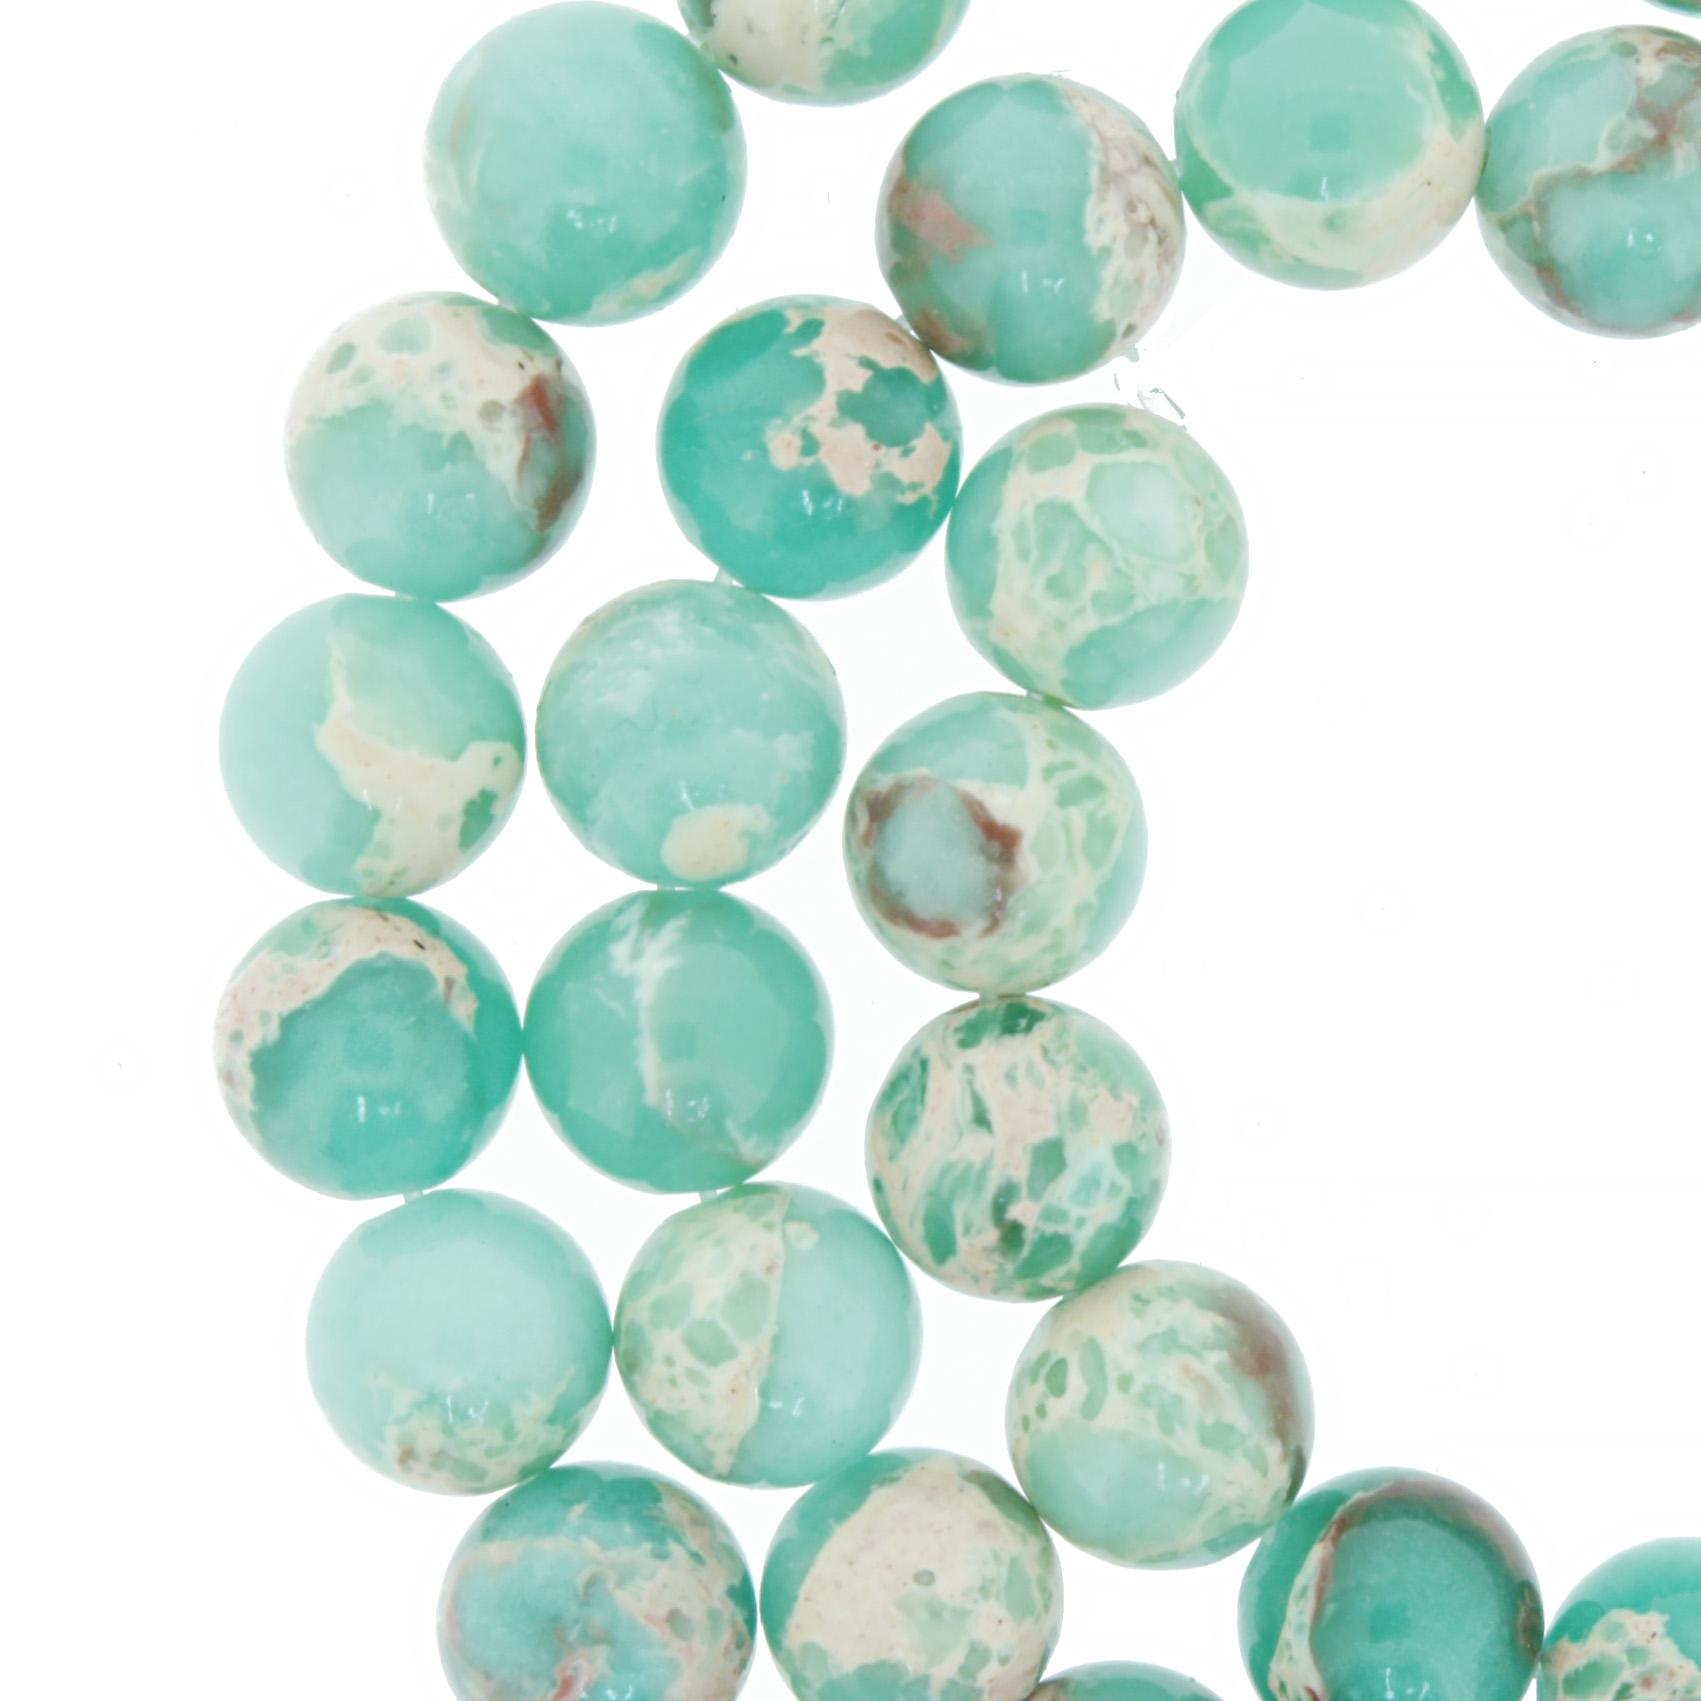 Fio de Pedra - Jaspe Imperial Verde Água - 8mm  - Stéphanie Bijoux® - Peças para Bijuterias e Artesanato